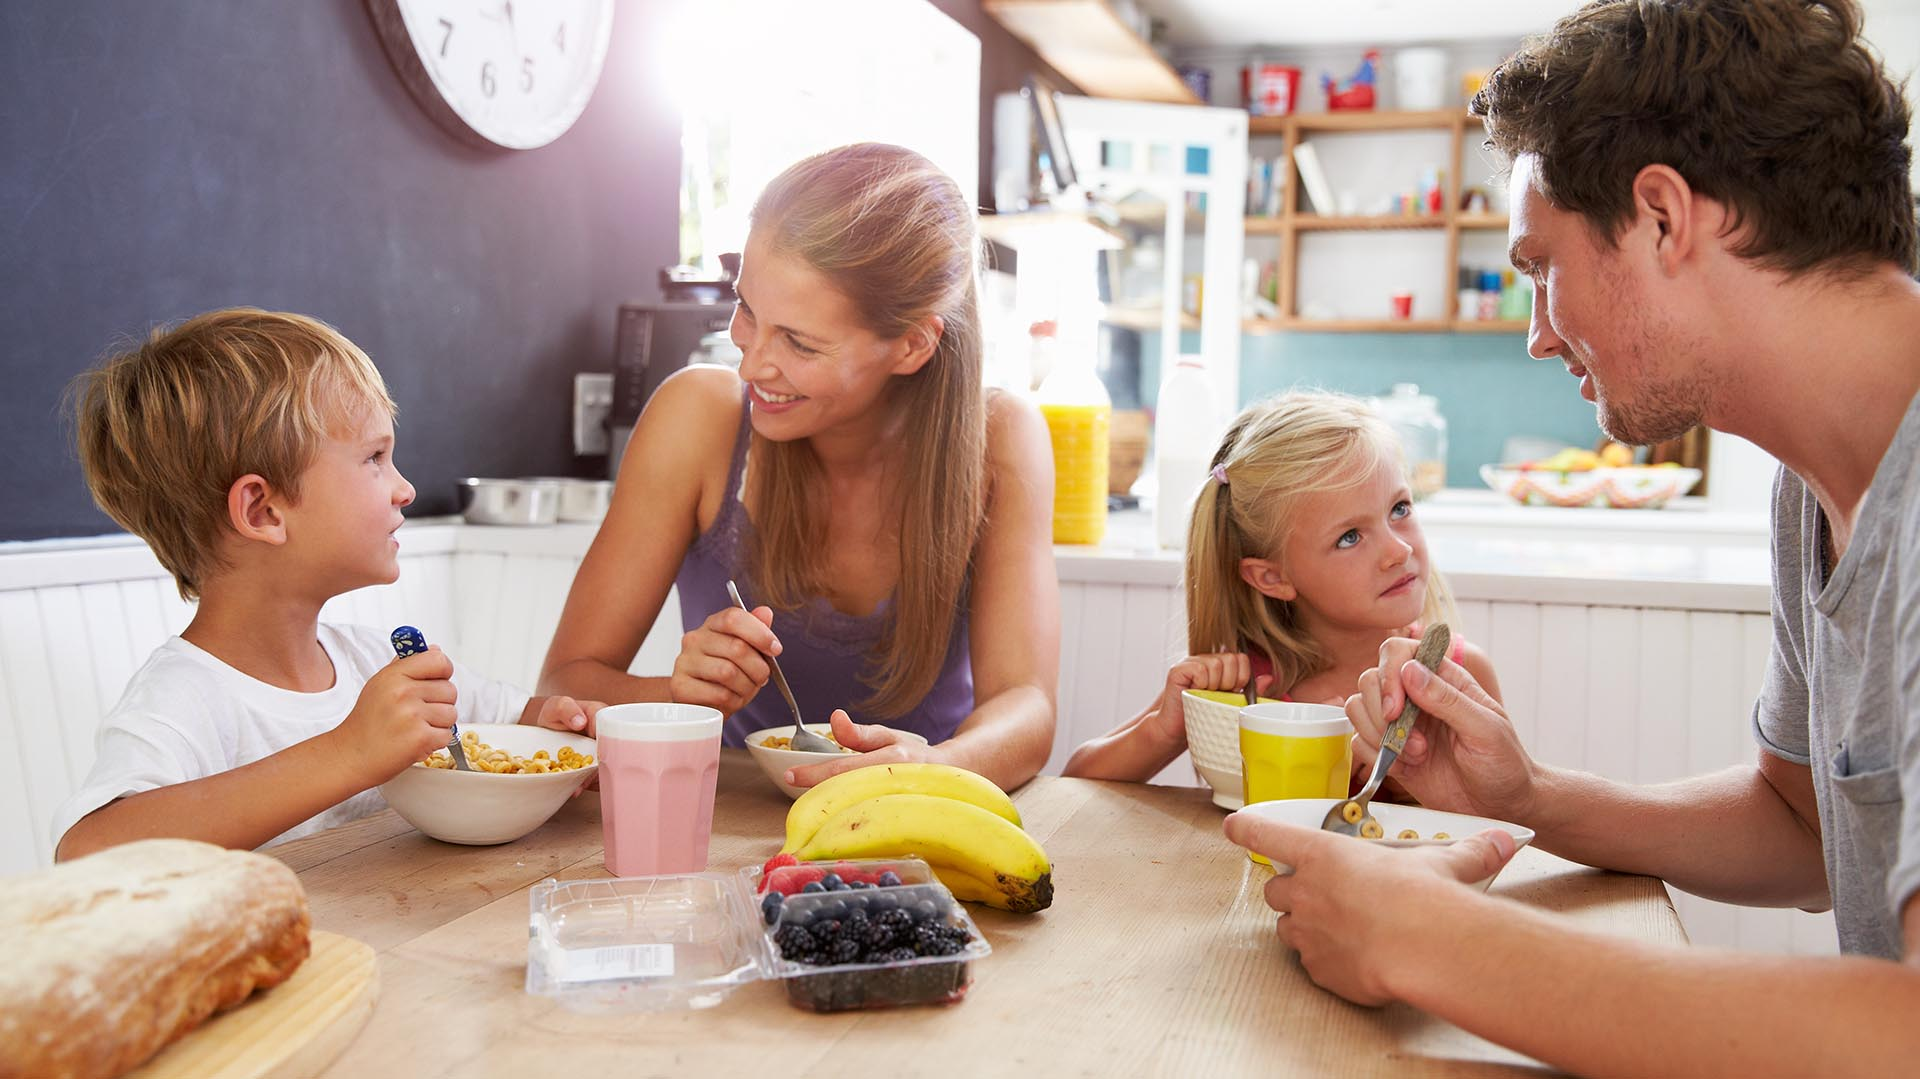 Es momento de programar hábitos y un menú saludable que contemple los horarios laborales, las reuniones sociales y preferencias alimentarias (Getty Images)